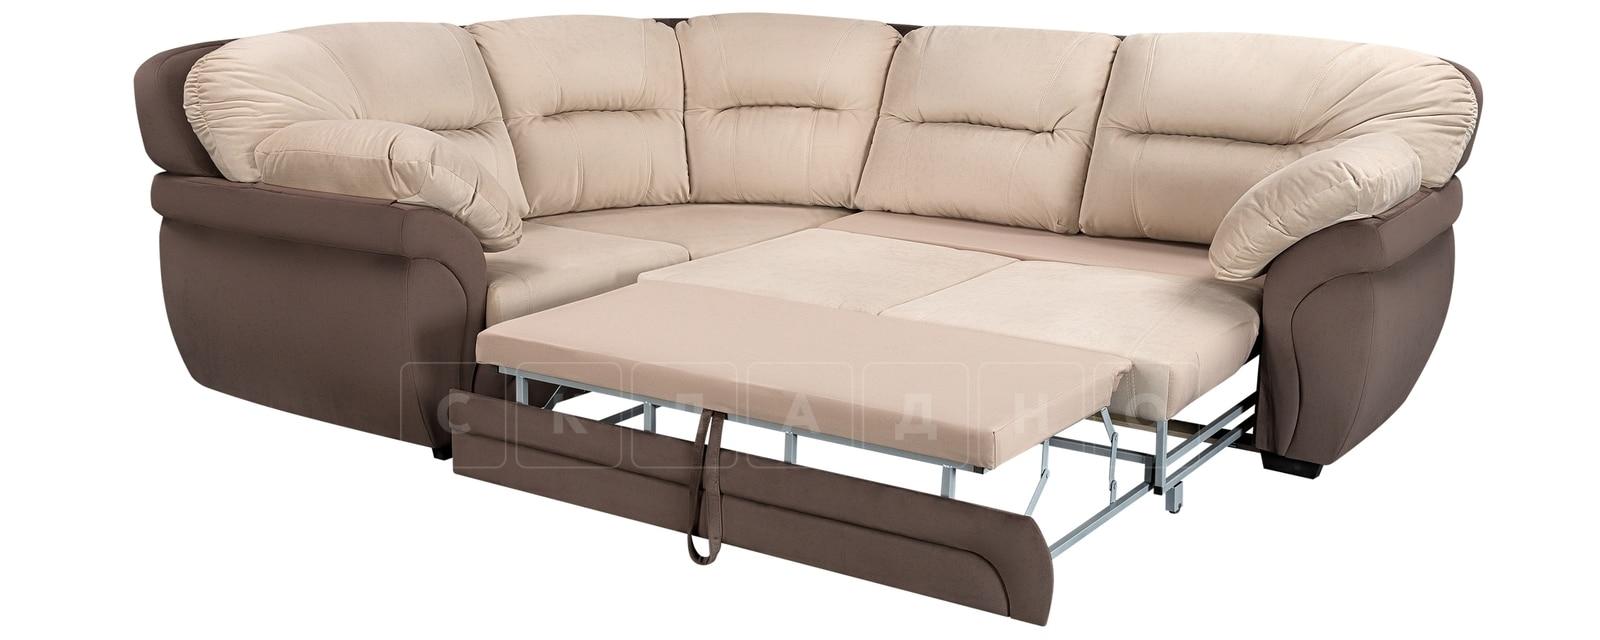 Диван угловой Бристоль велюр бежевый с коричневым левый угол фото 4 | интернет-магазин Складно